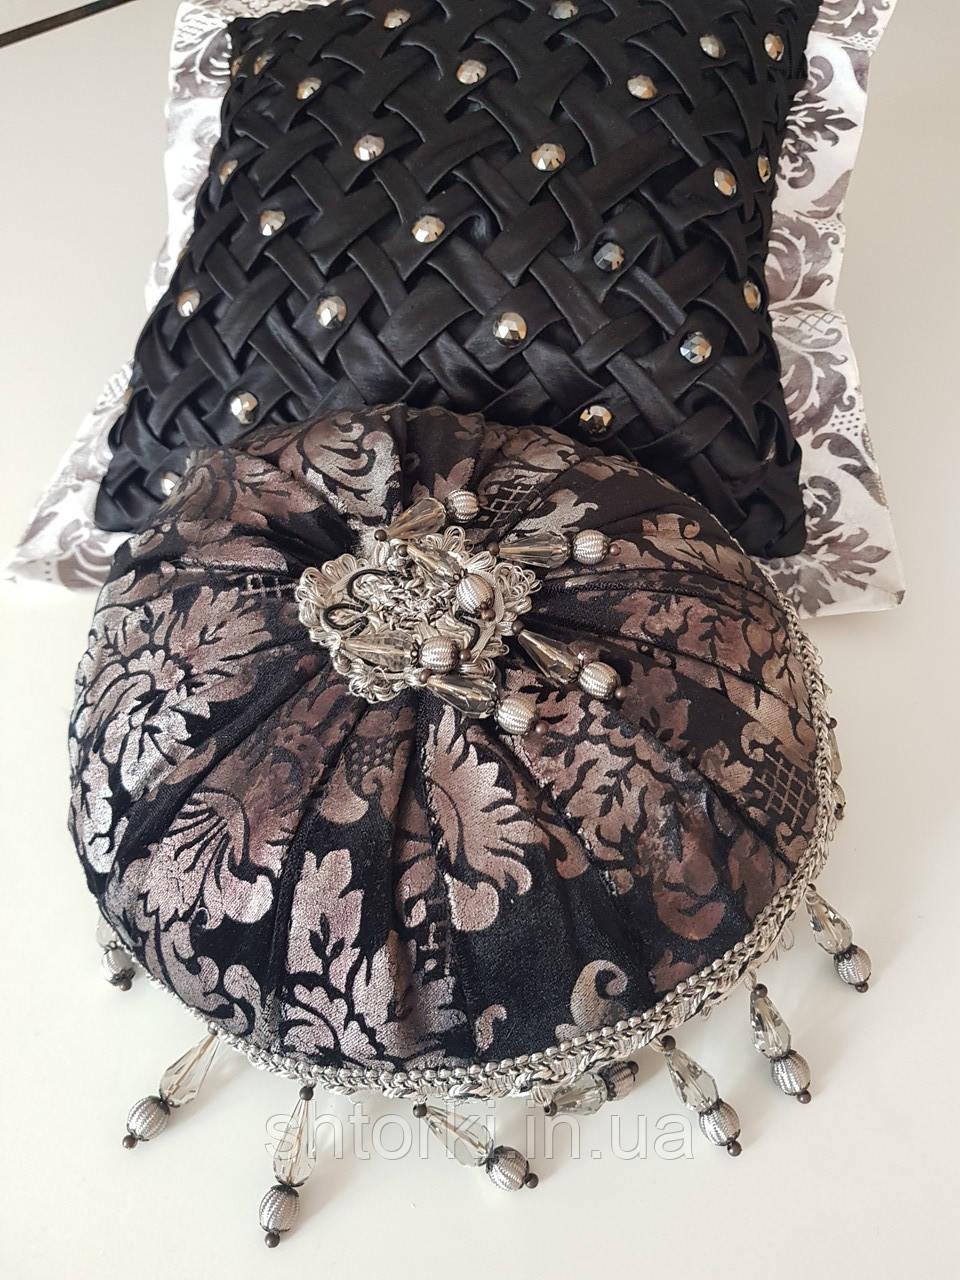 Комплект подушек серо-черные Hand Made, 2шт